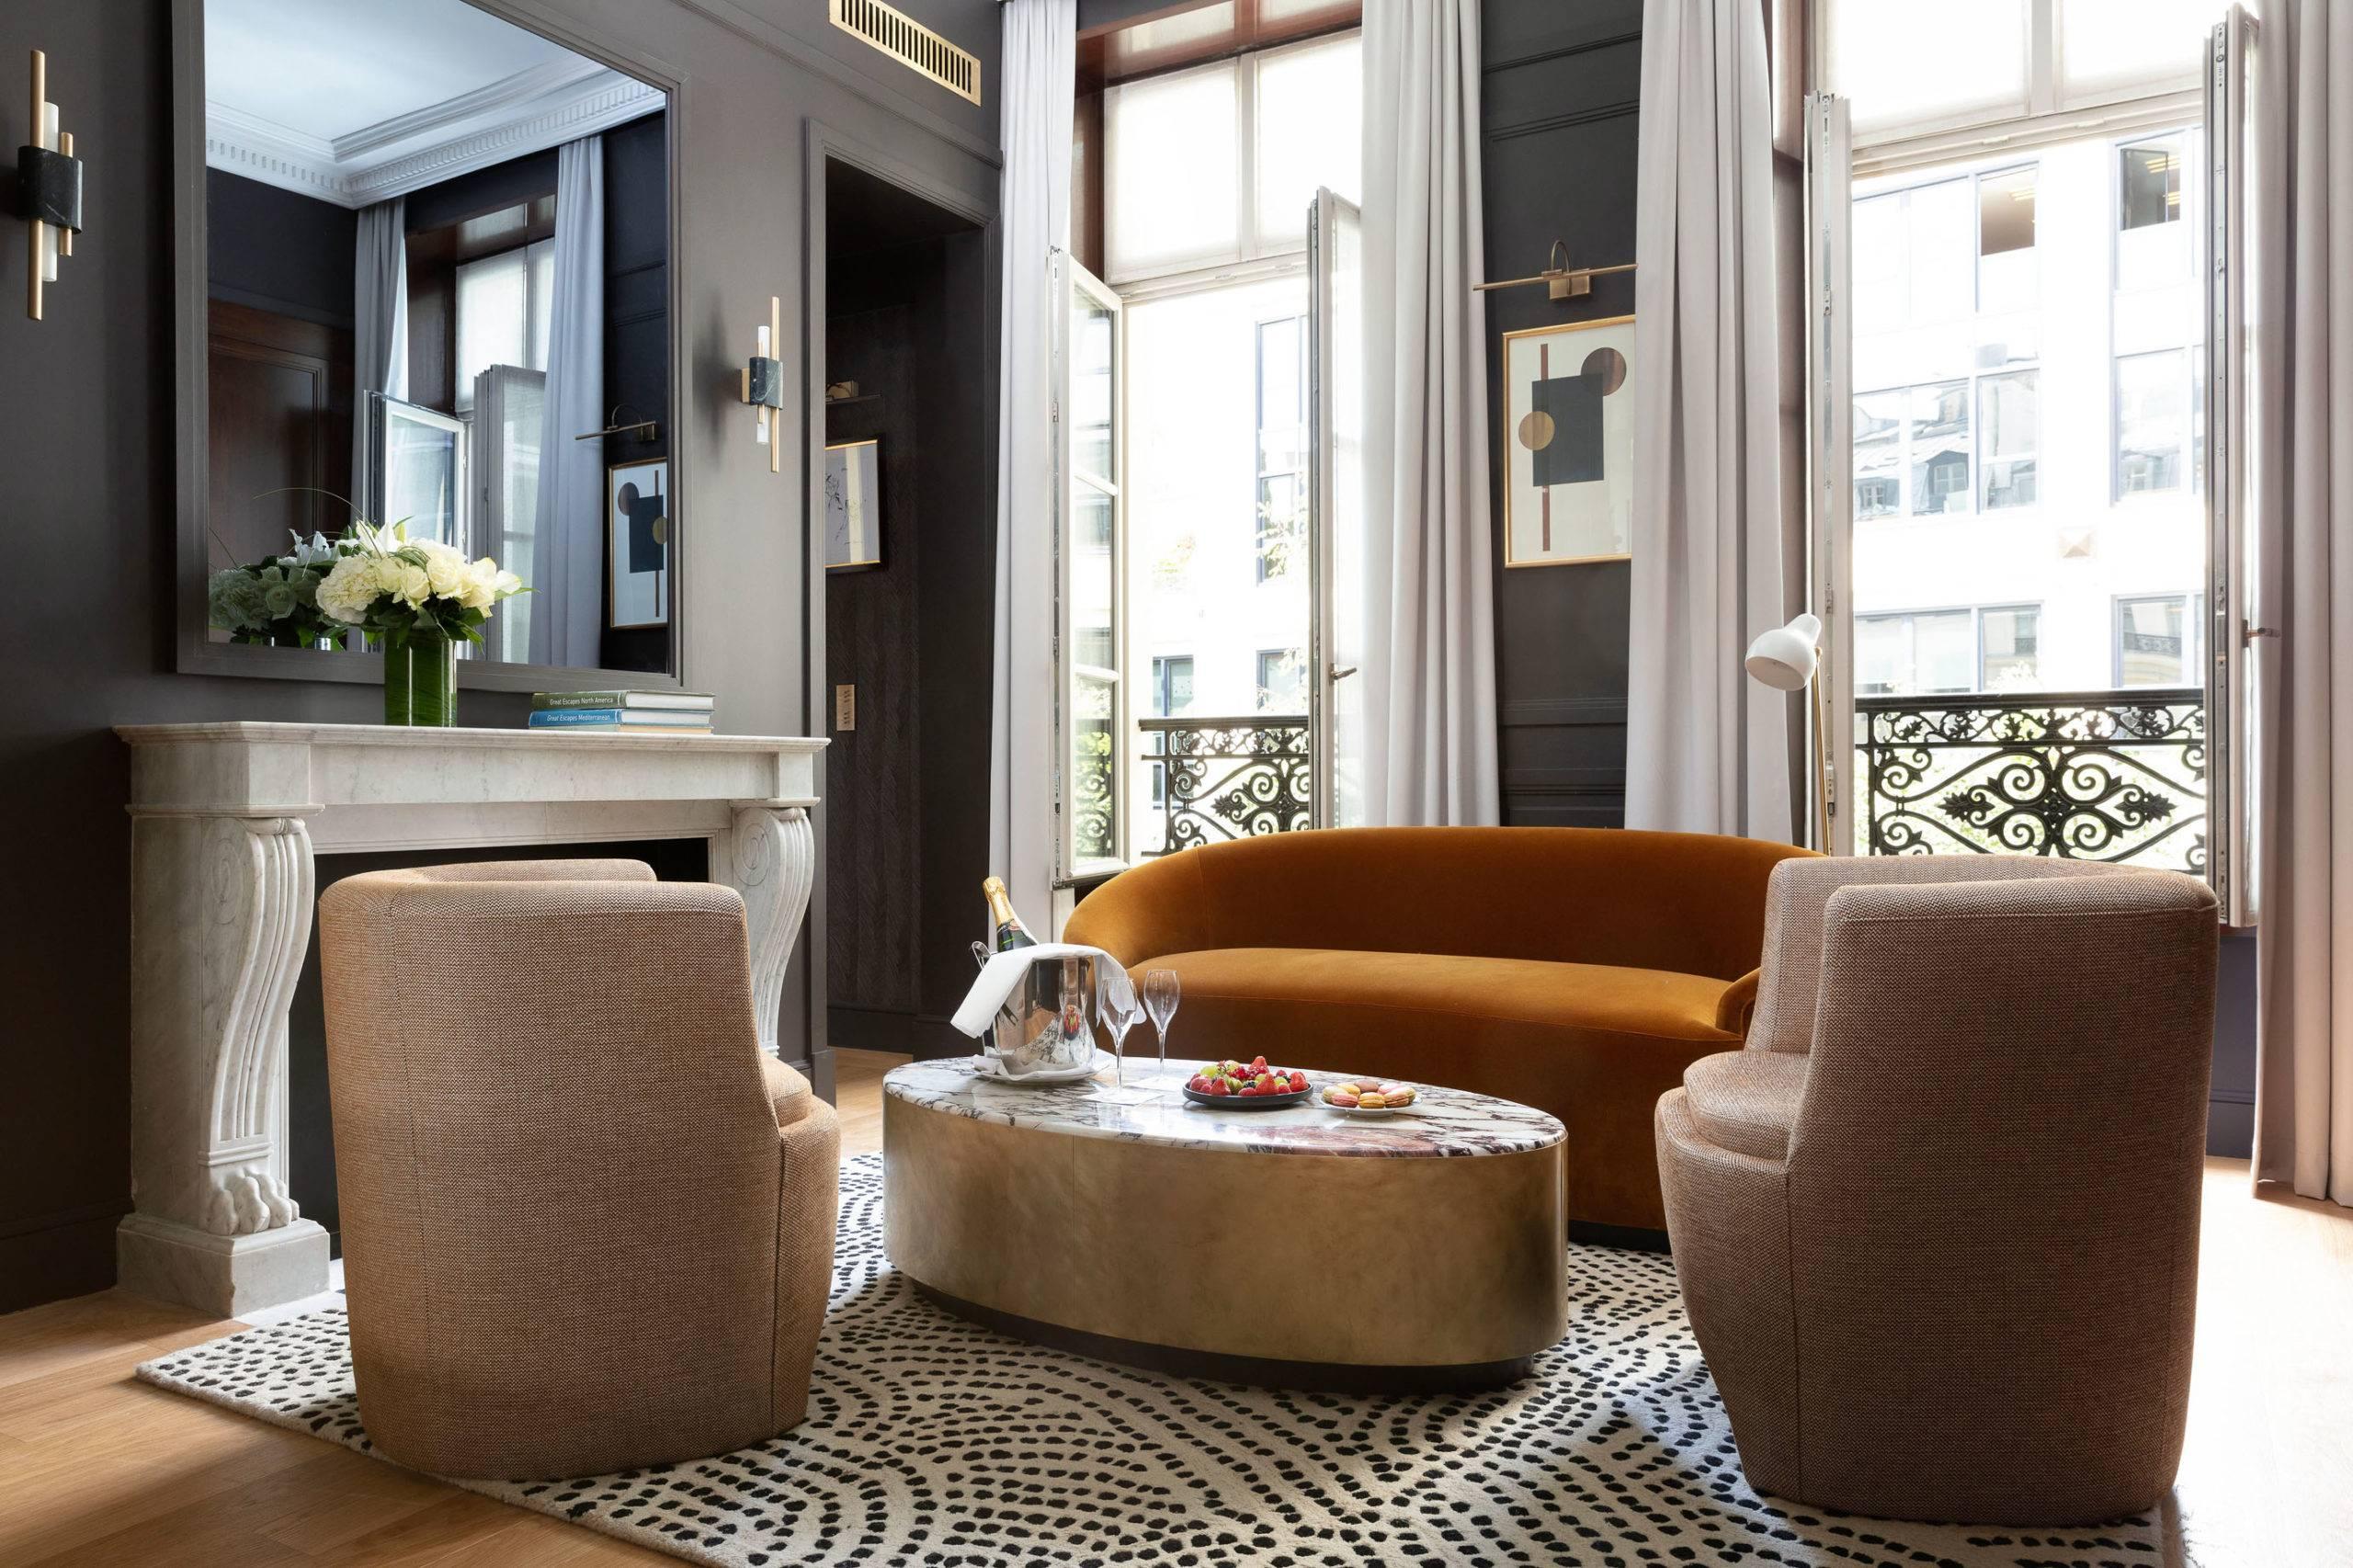 3-hotels-spa-a-Paris-pour-profiter-pleinement-de-votre-sejour-4